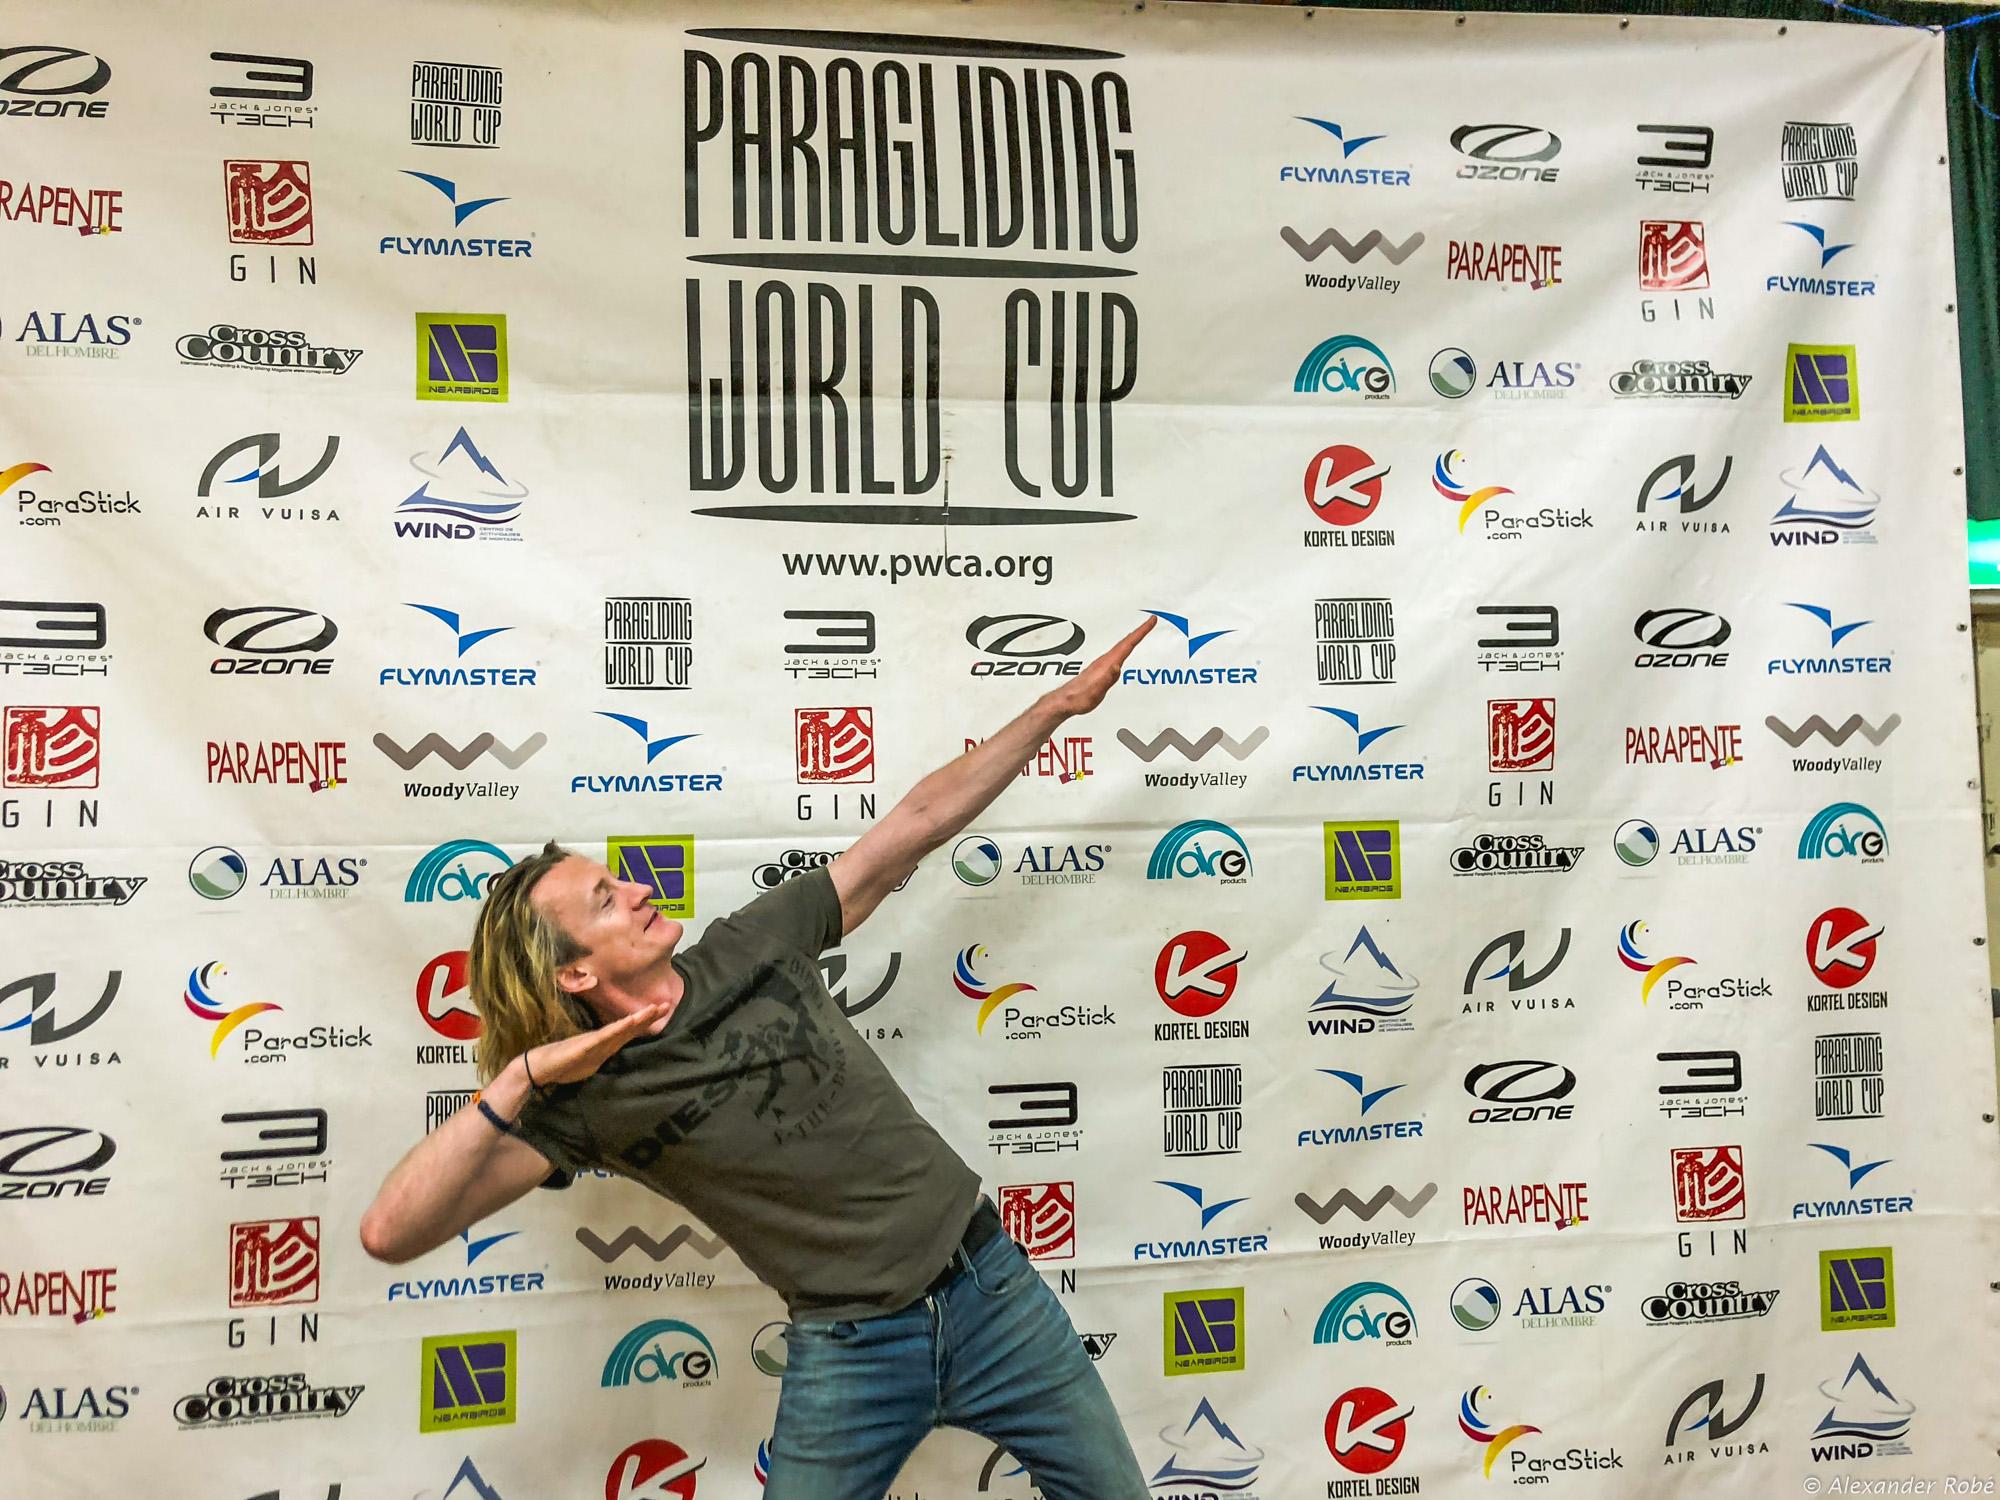 Erste Teilnahme bei einem Gleitschirm-Weltcup endete mit Platz 14 von 120!